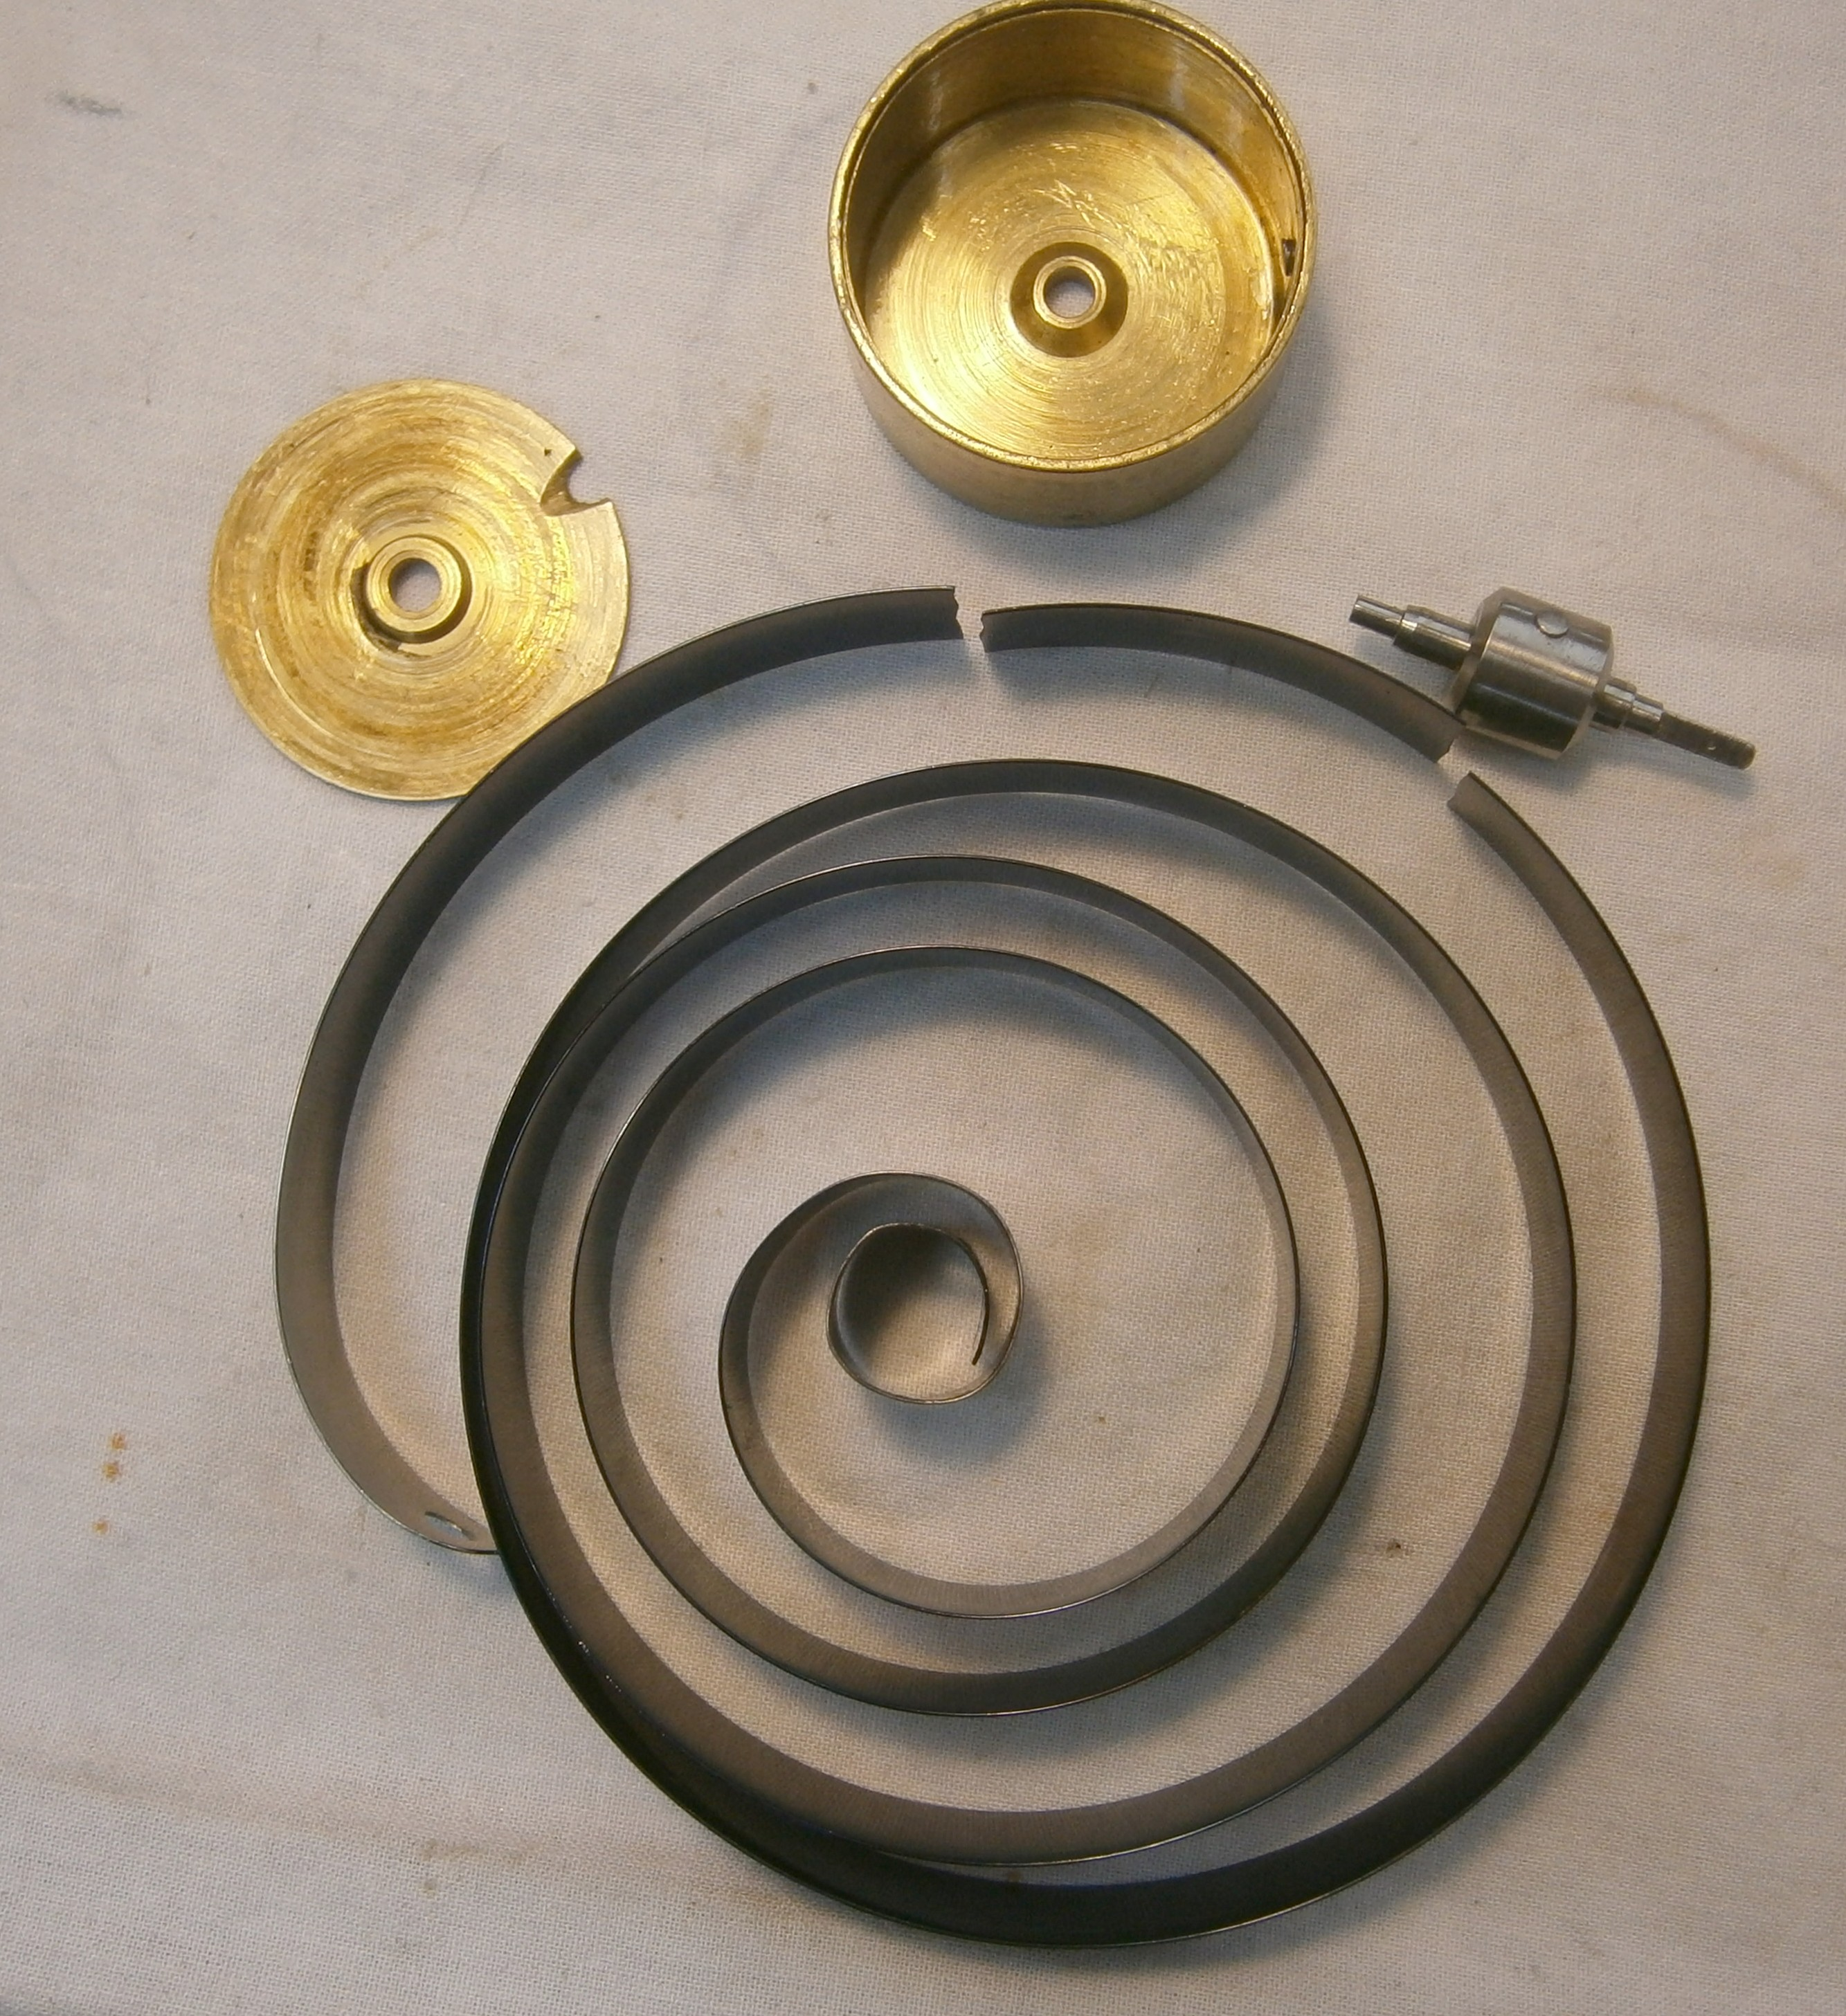 Broken mainspring